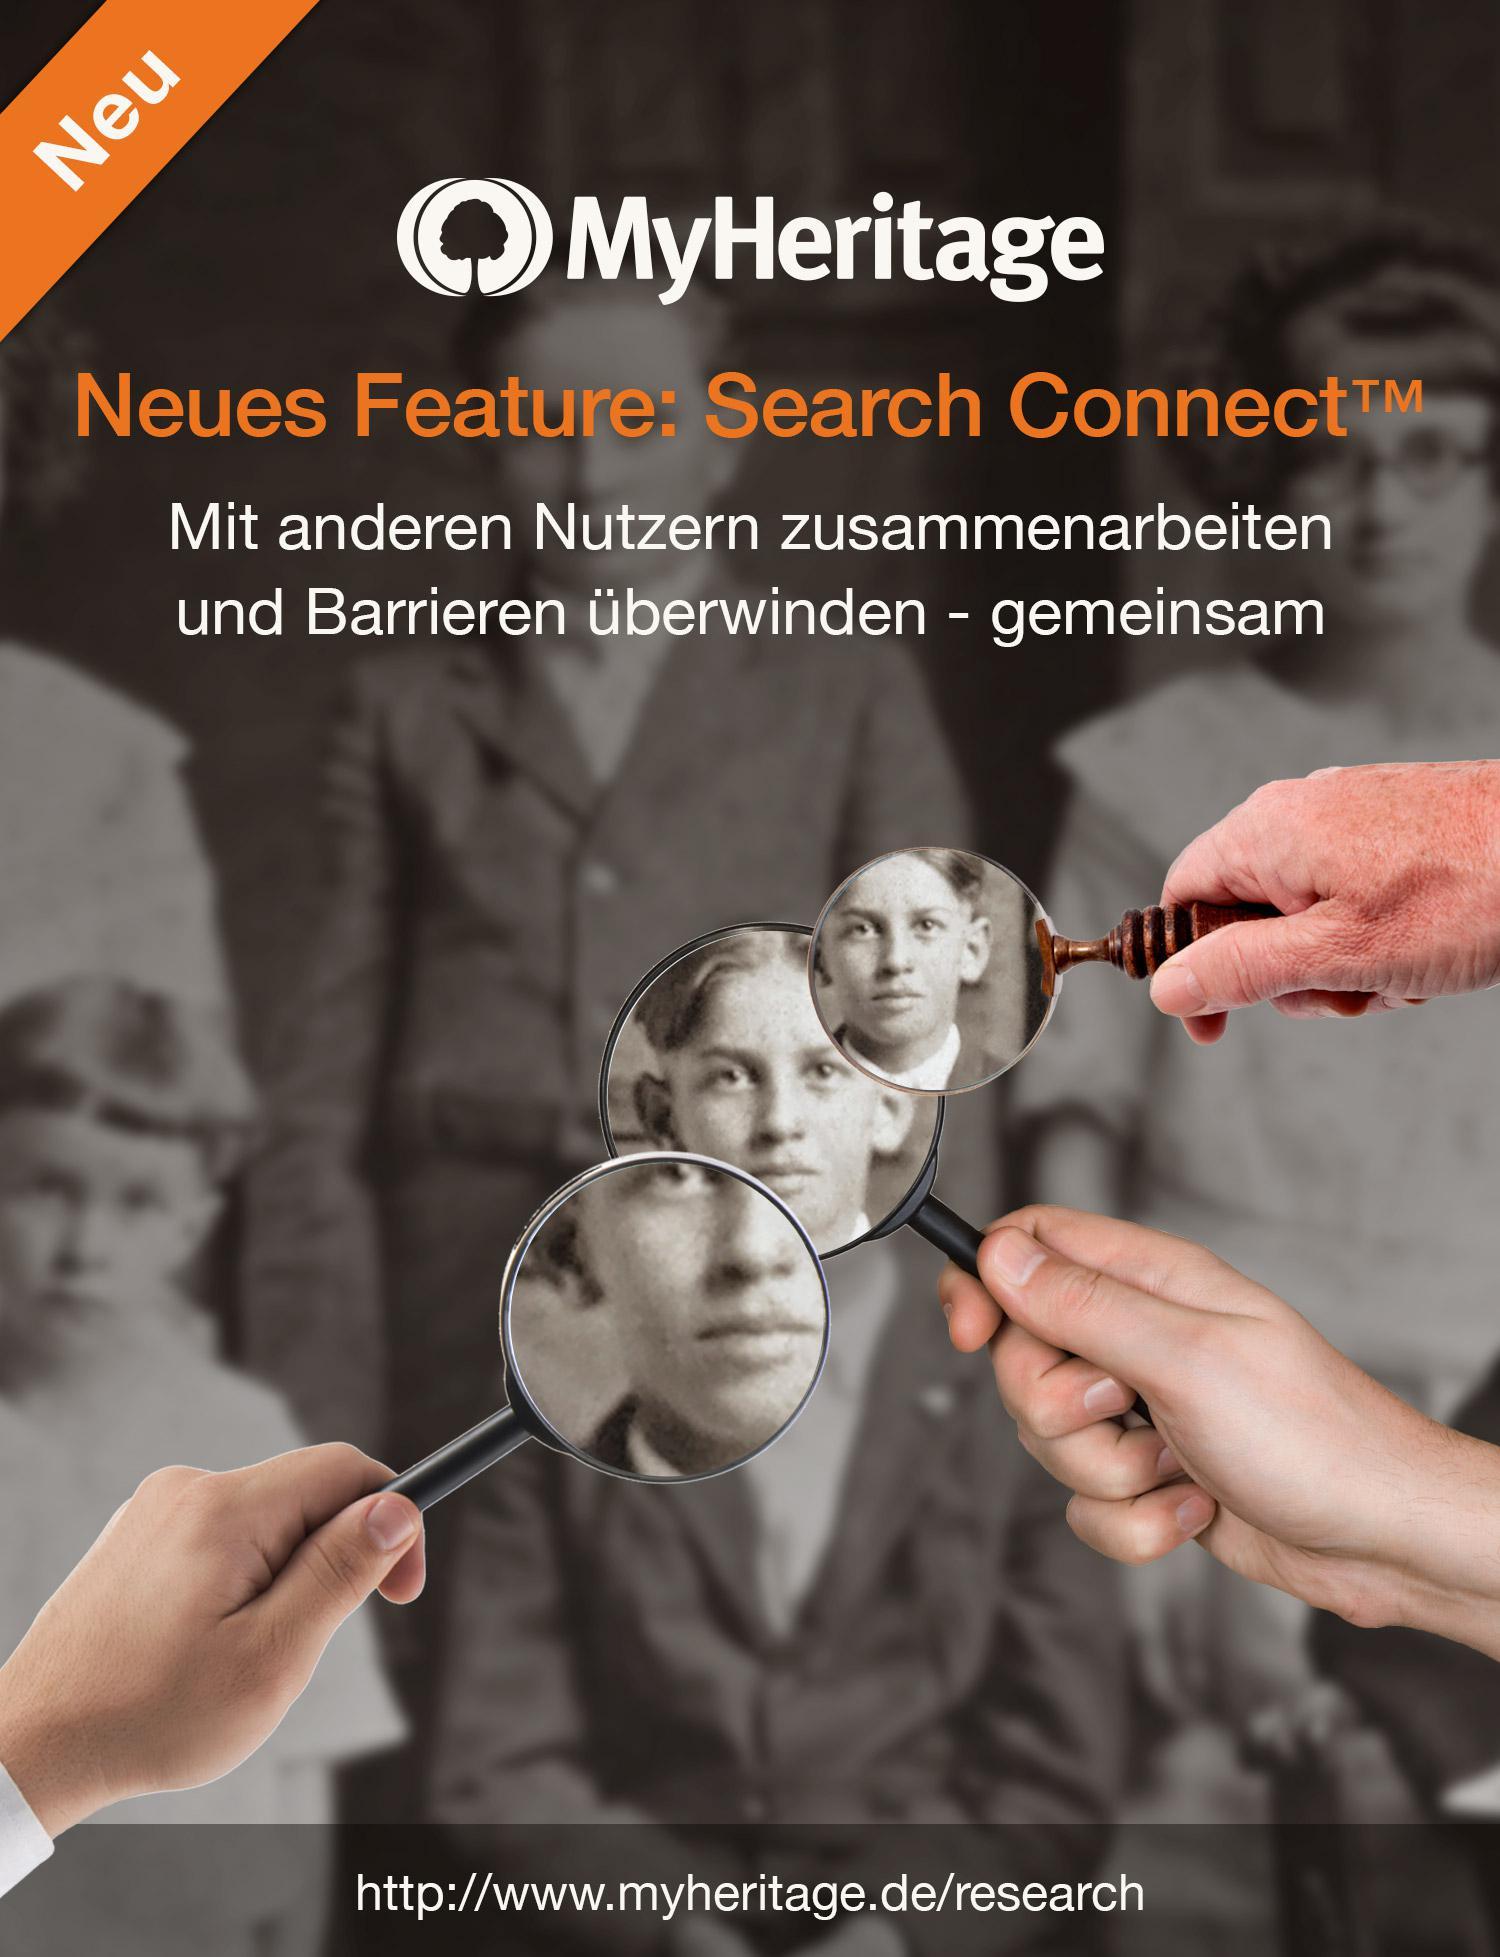 Search Connect™ wandelt Suchanfragen der Nutzer in Ergebnisse für andere Nutzer um. Sie verbindet somit Menschen, die die gleichen Vorfahren suchen, und unterstützt ihre Zusammenarbeit.